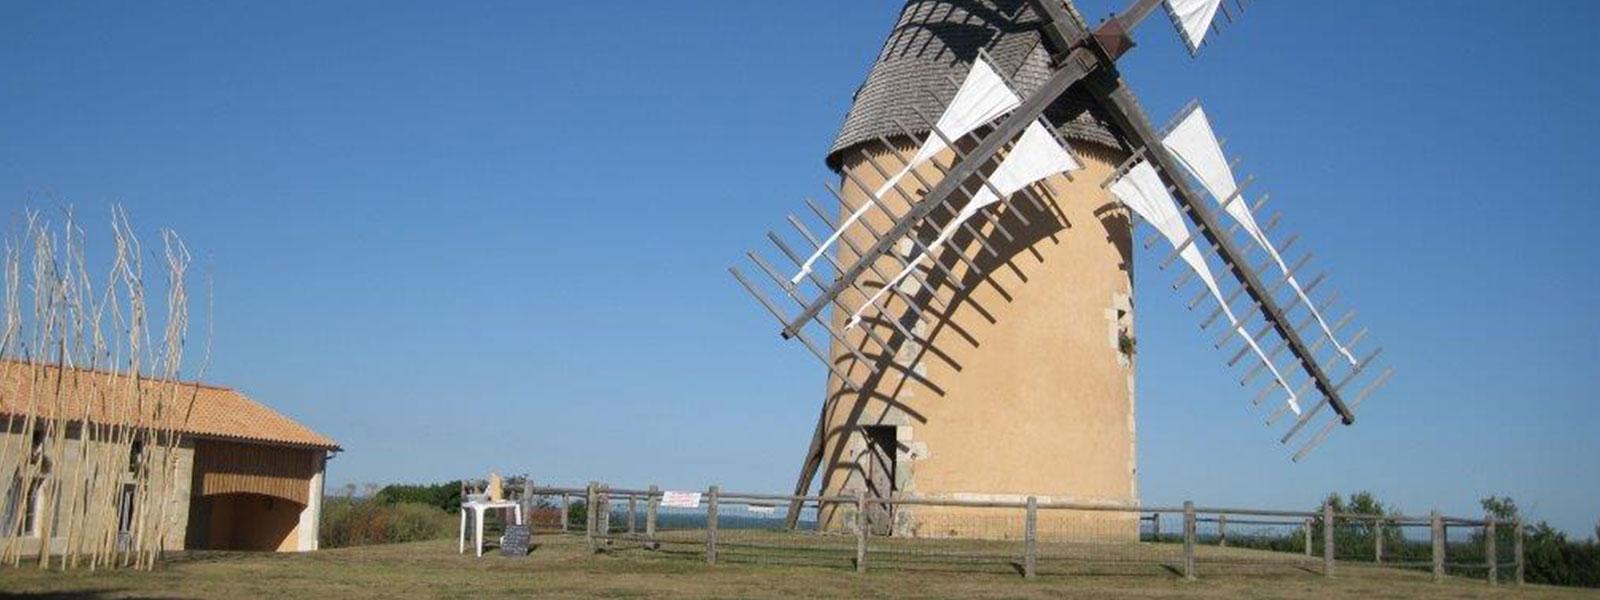 Inventaire des moulins